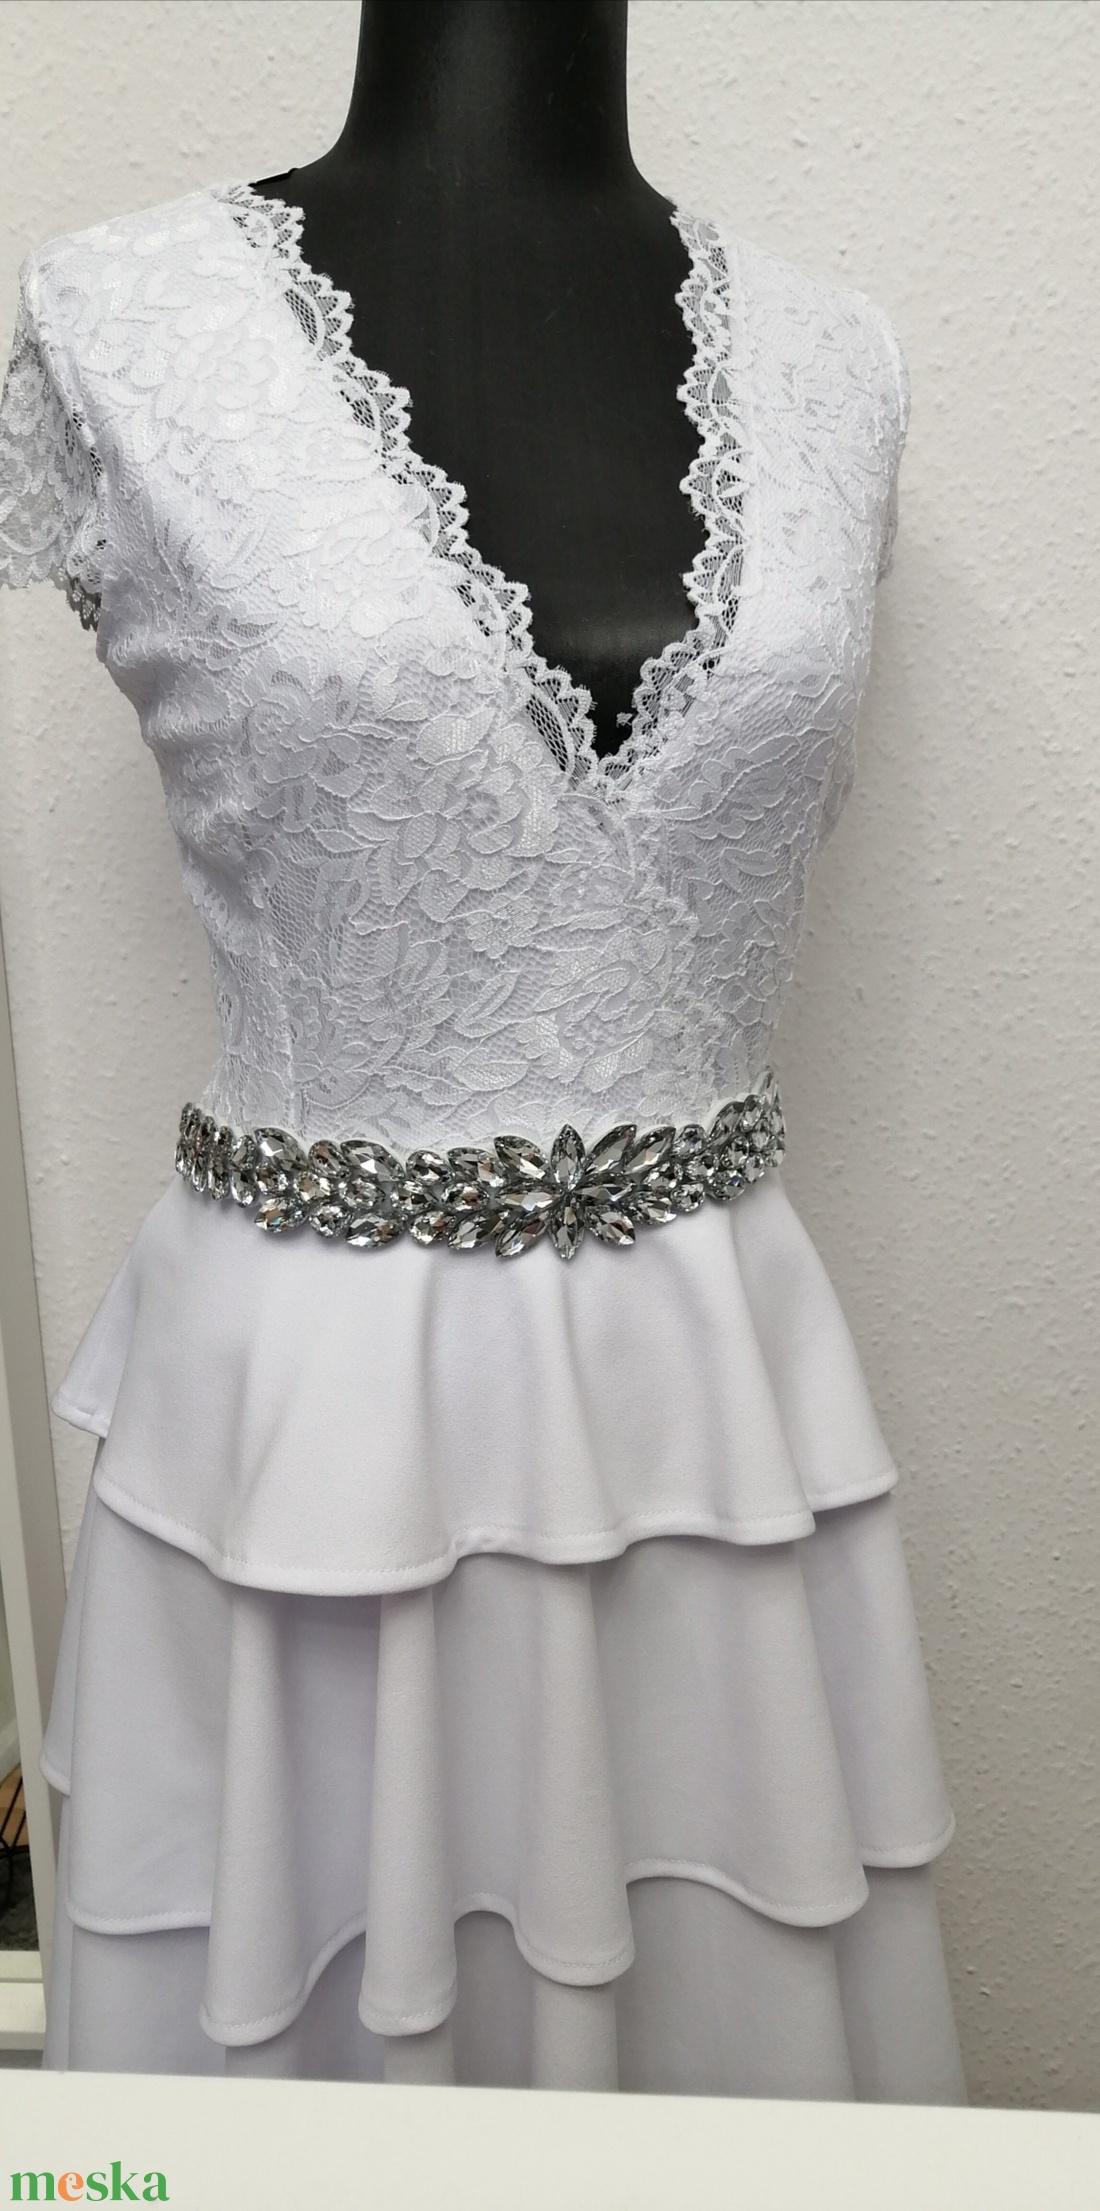 Csipke ruha fehér rugalmas csipkéből  (nagyilona) - Meska.hu